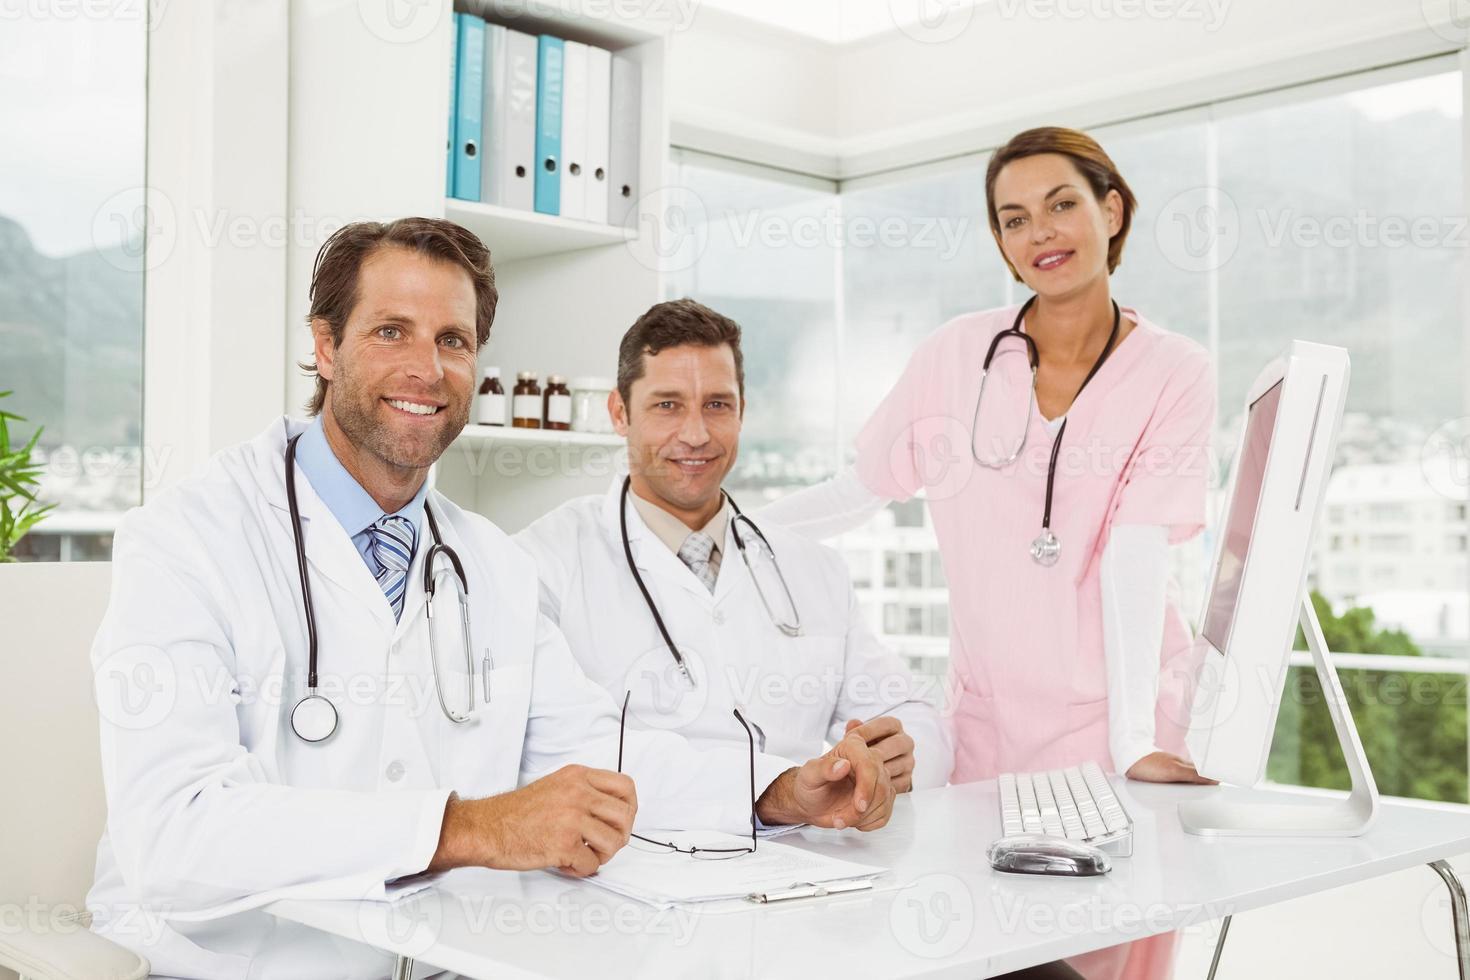 seguros médicos sonrientes en consultorio médico foto